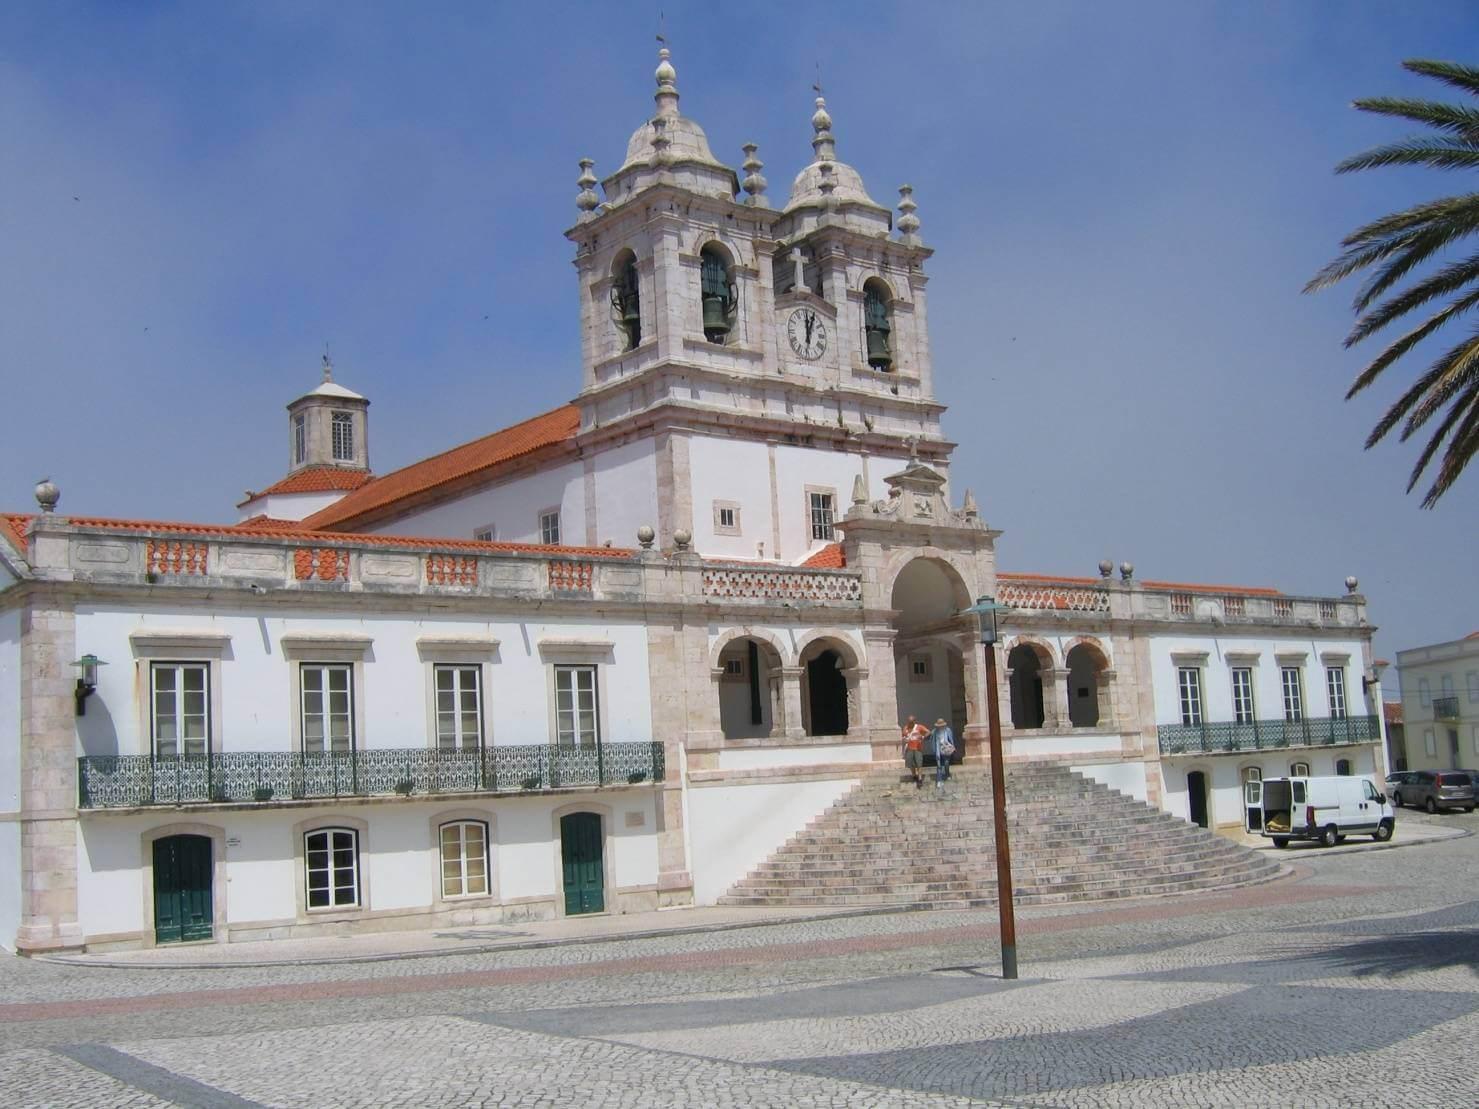 Церковь Nossa Senhora da Назаре (церковь Богоматери Назаре)